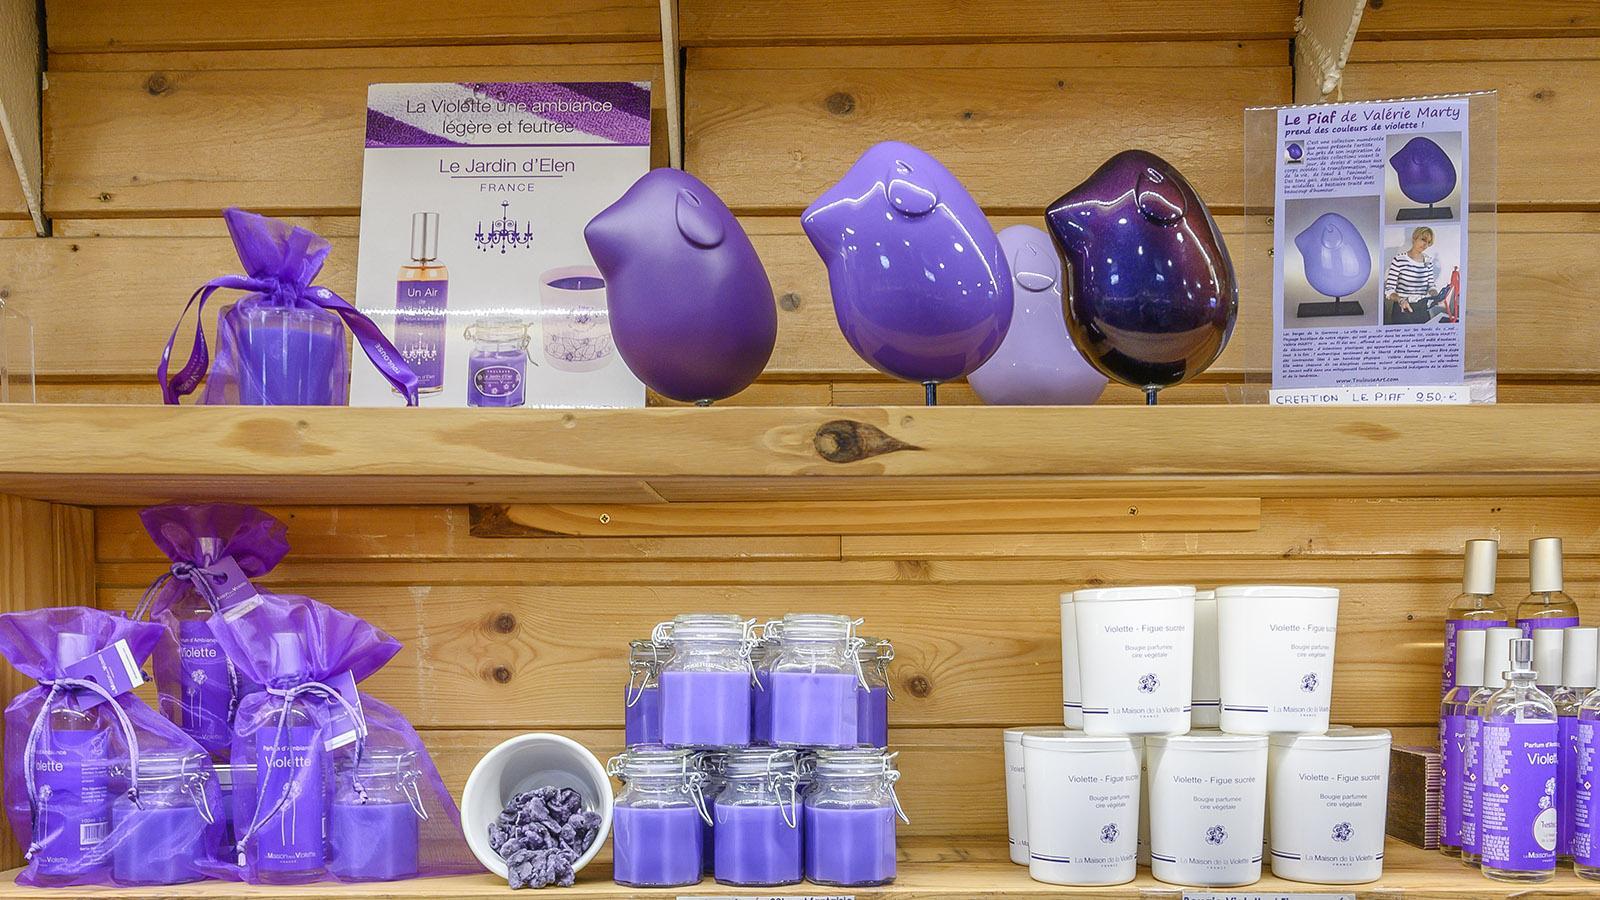 Maison de la Violette: Auch Keramik und Kerzen gehören zum Angebot. Foto: Hilke Maunder